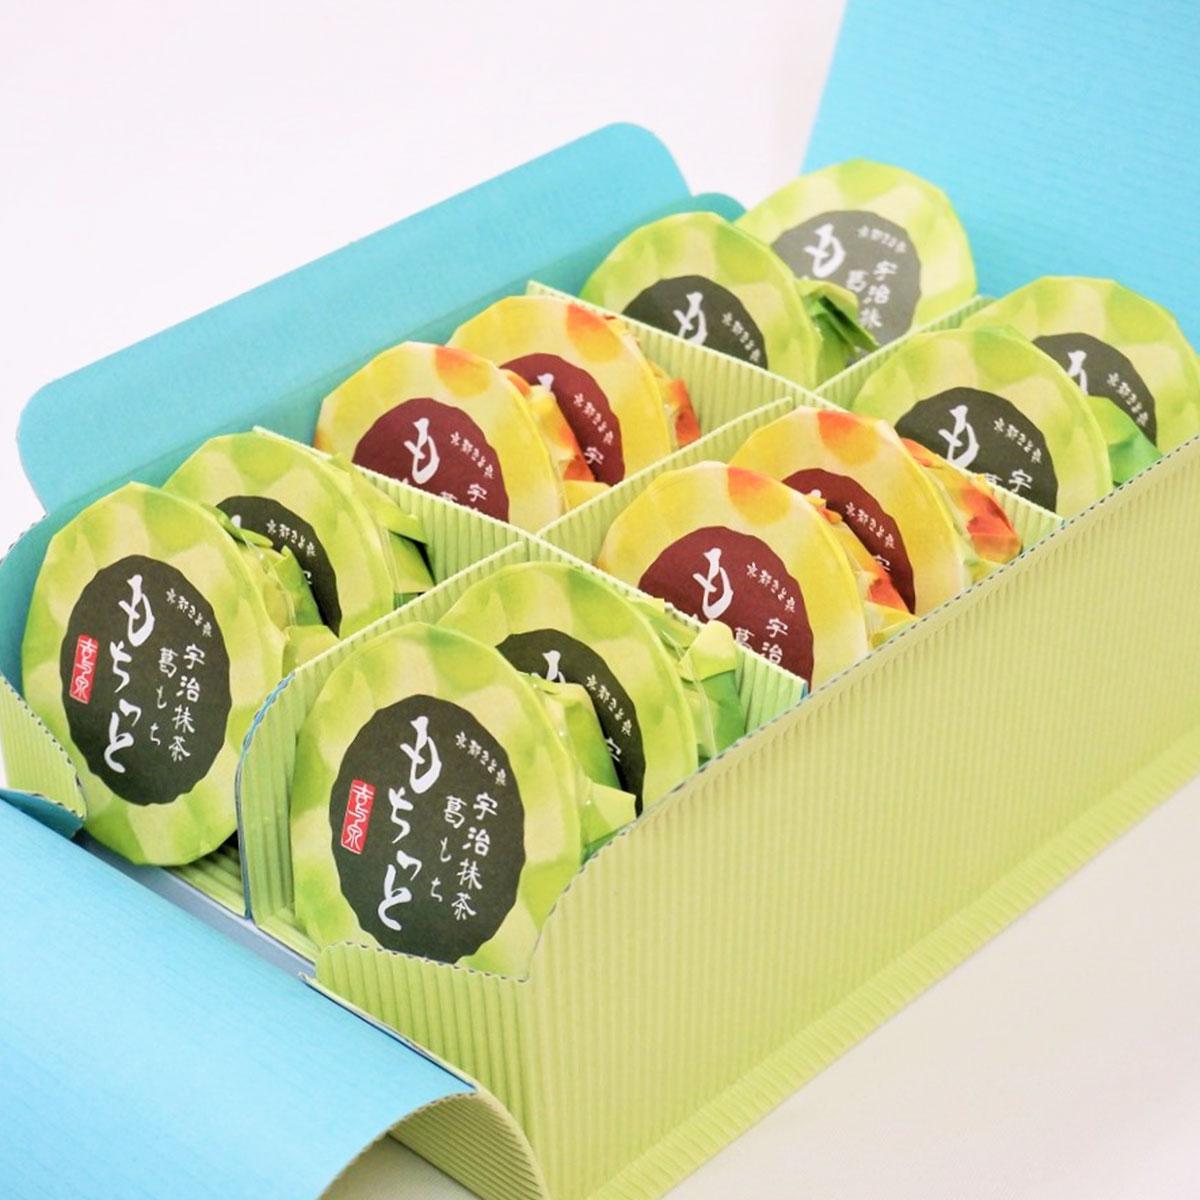 巨泉 京都きよ泉のくず餅セット〔抹茶くずもち67g×8・ほうじ茶くずもち67g×4〕